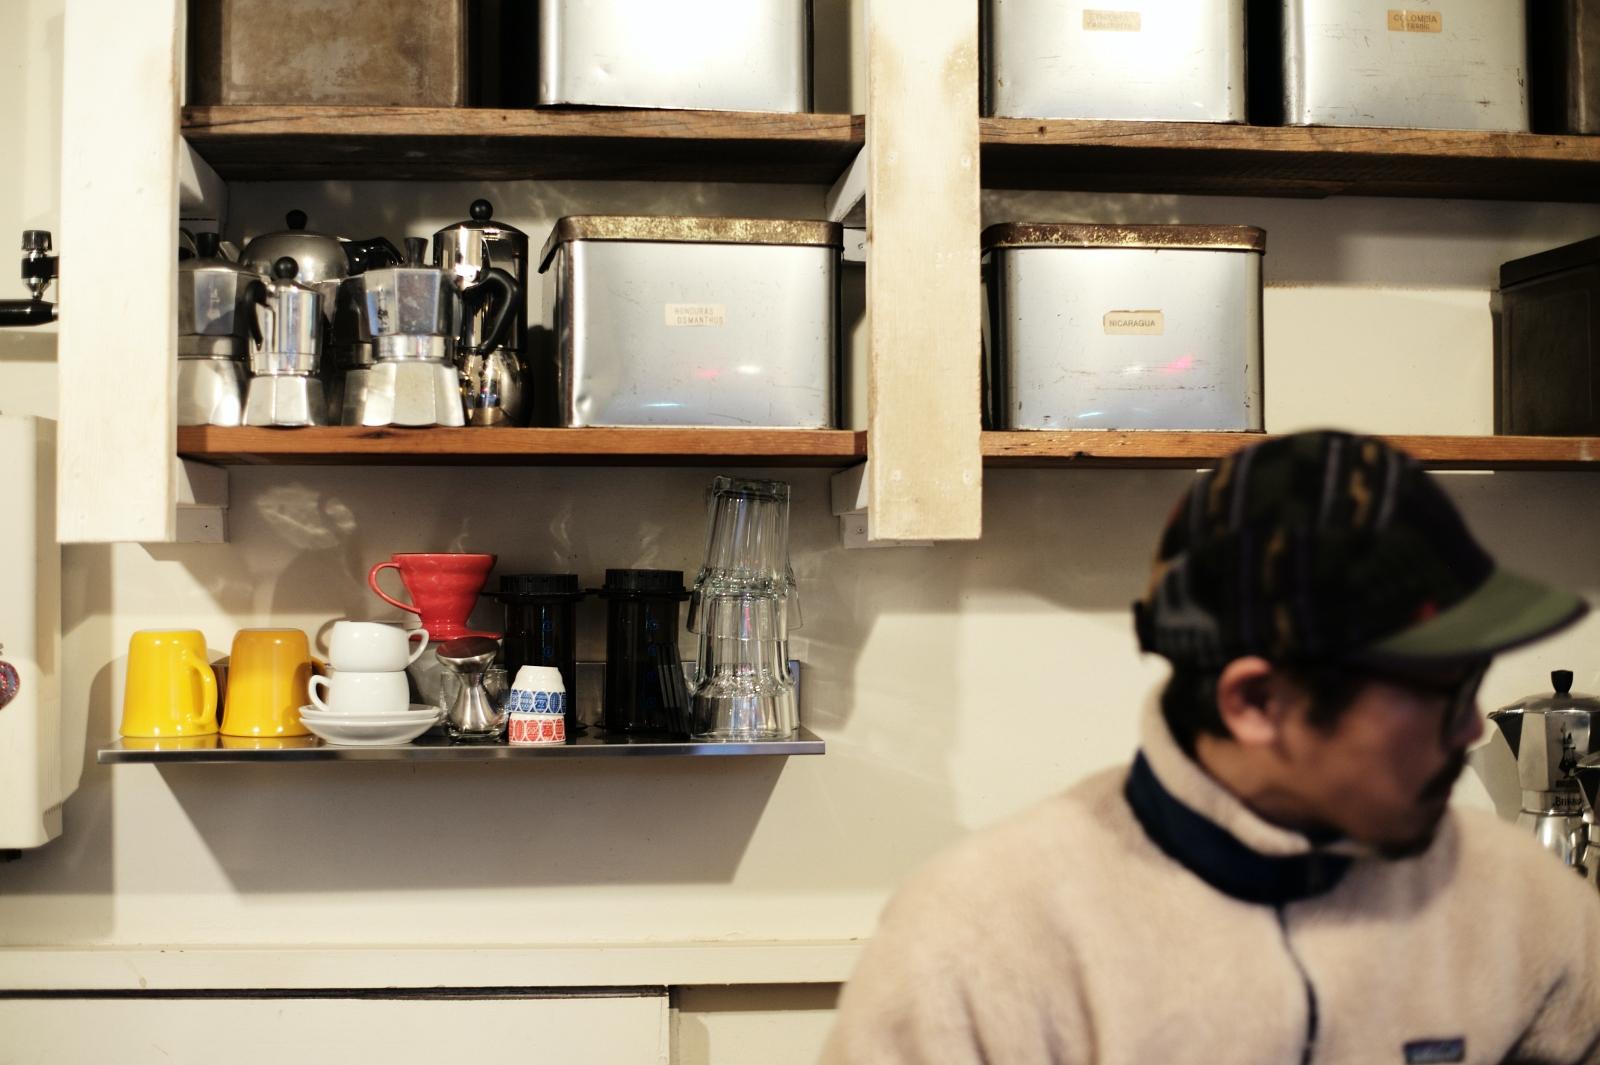 Travelogue<br> チョコレートを巡る旅〈三浦半島 後編〉ドーナツとパンとコーヒー、時々チョコレート。